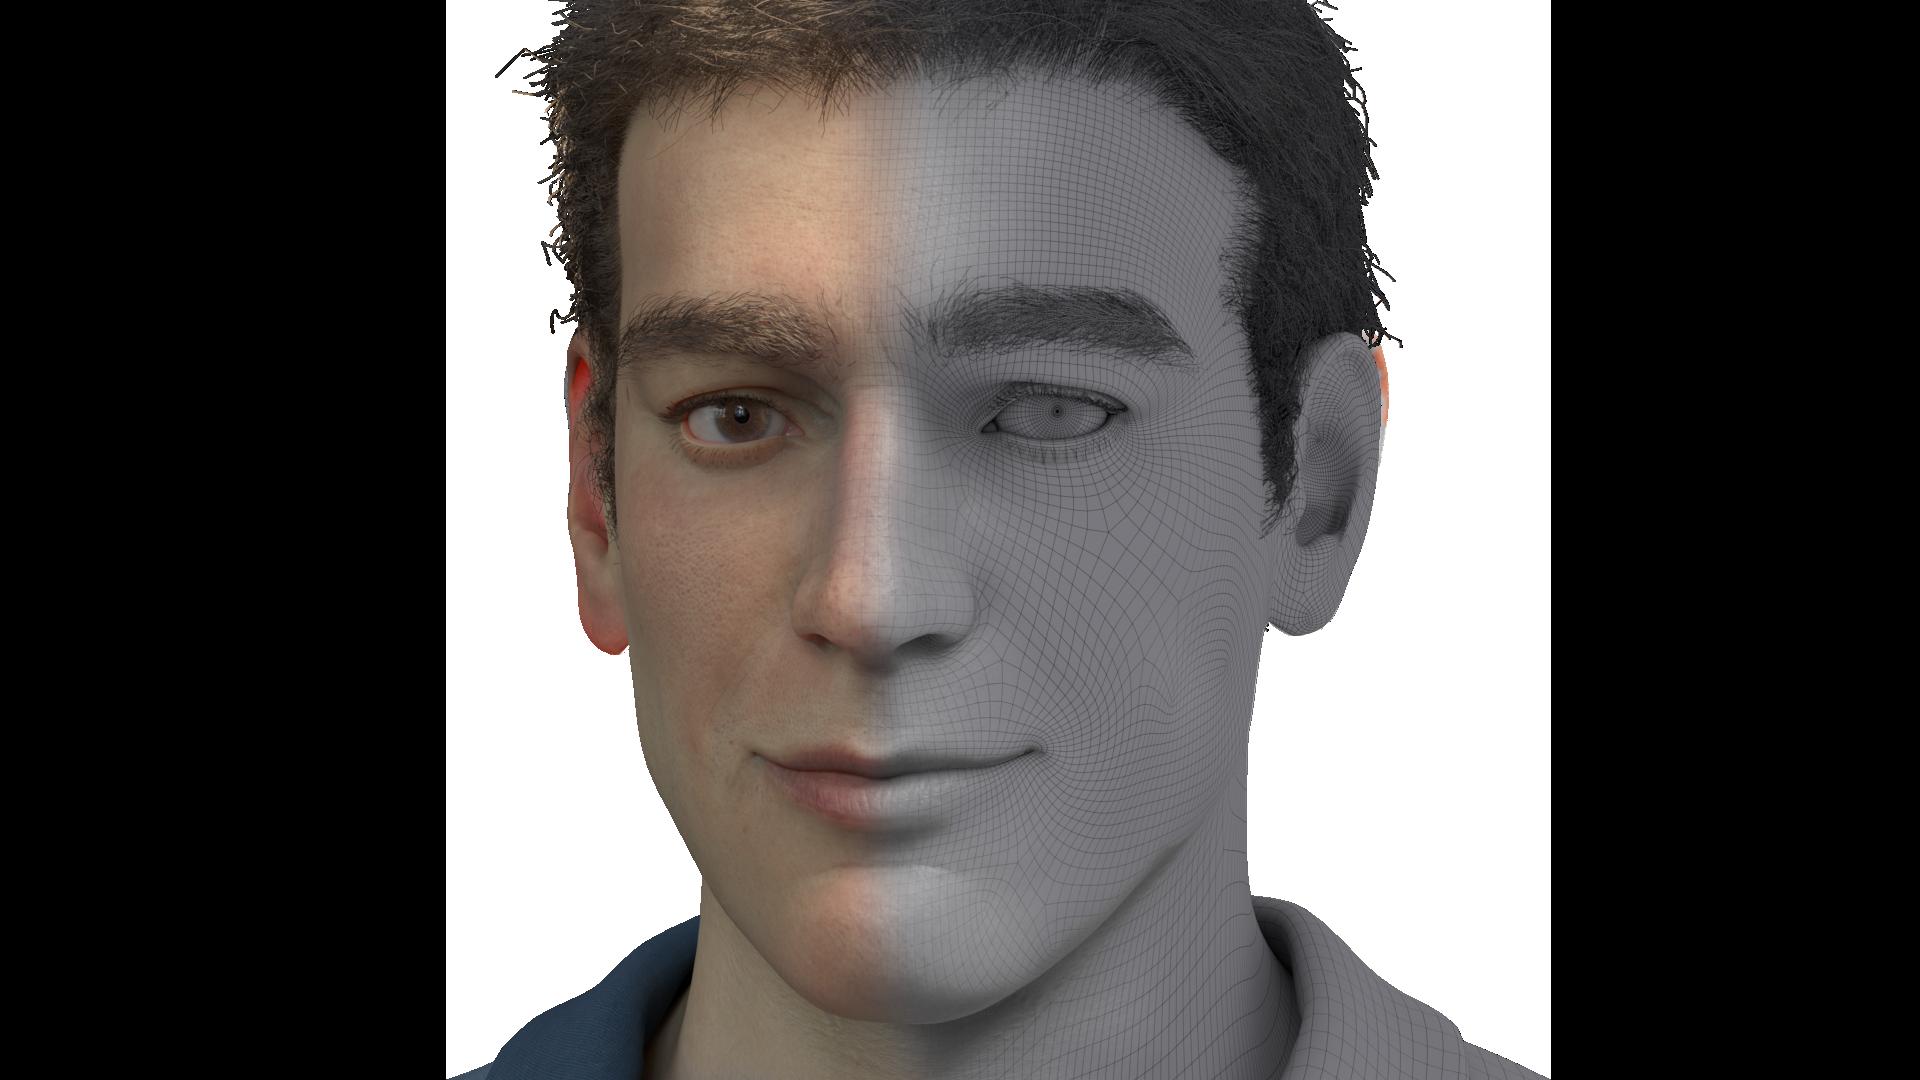 3D integration of assets